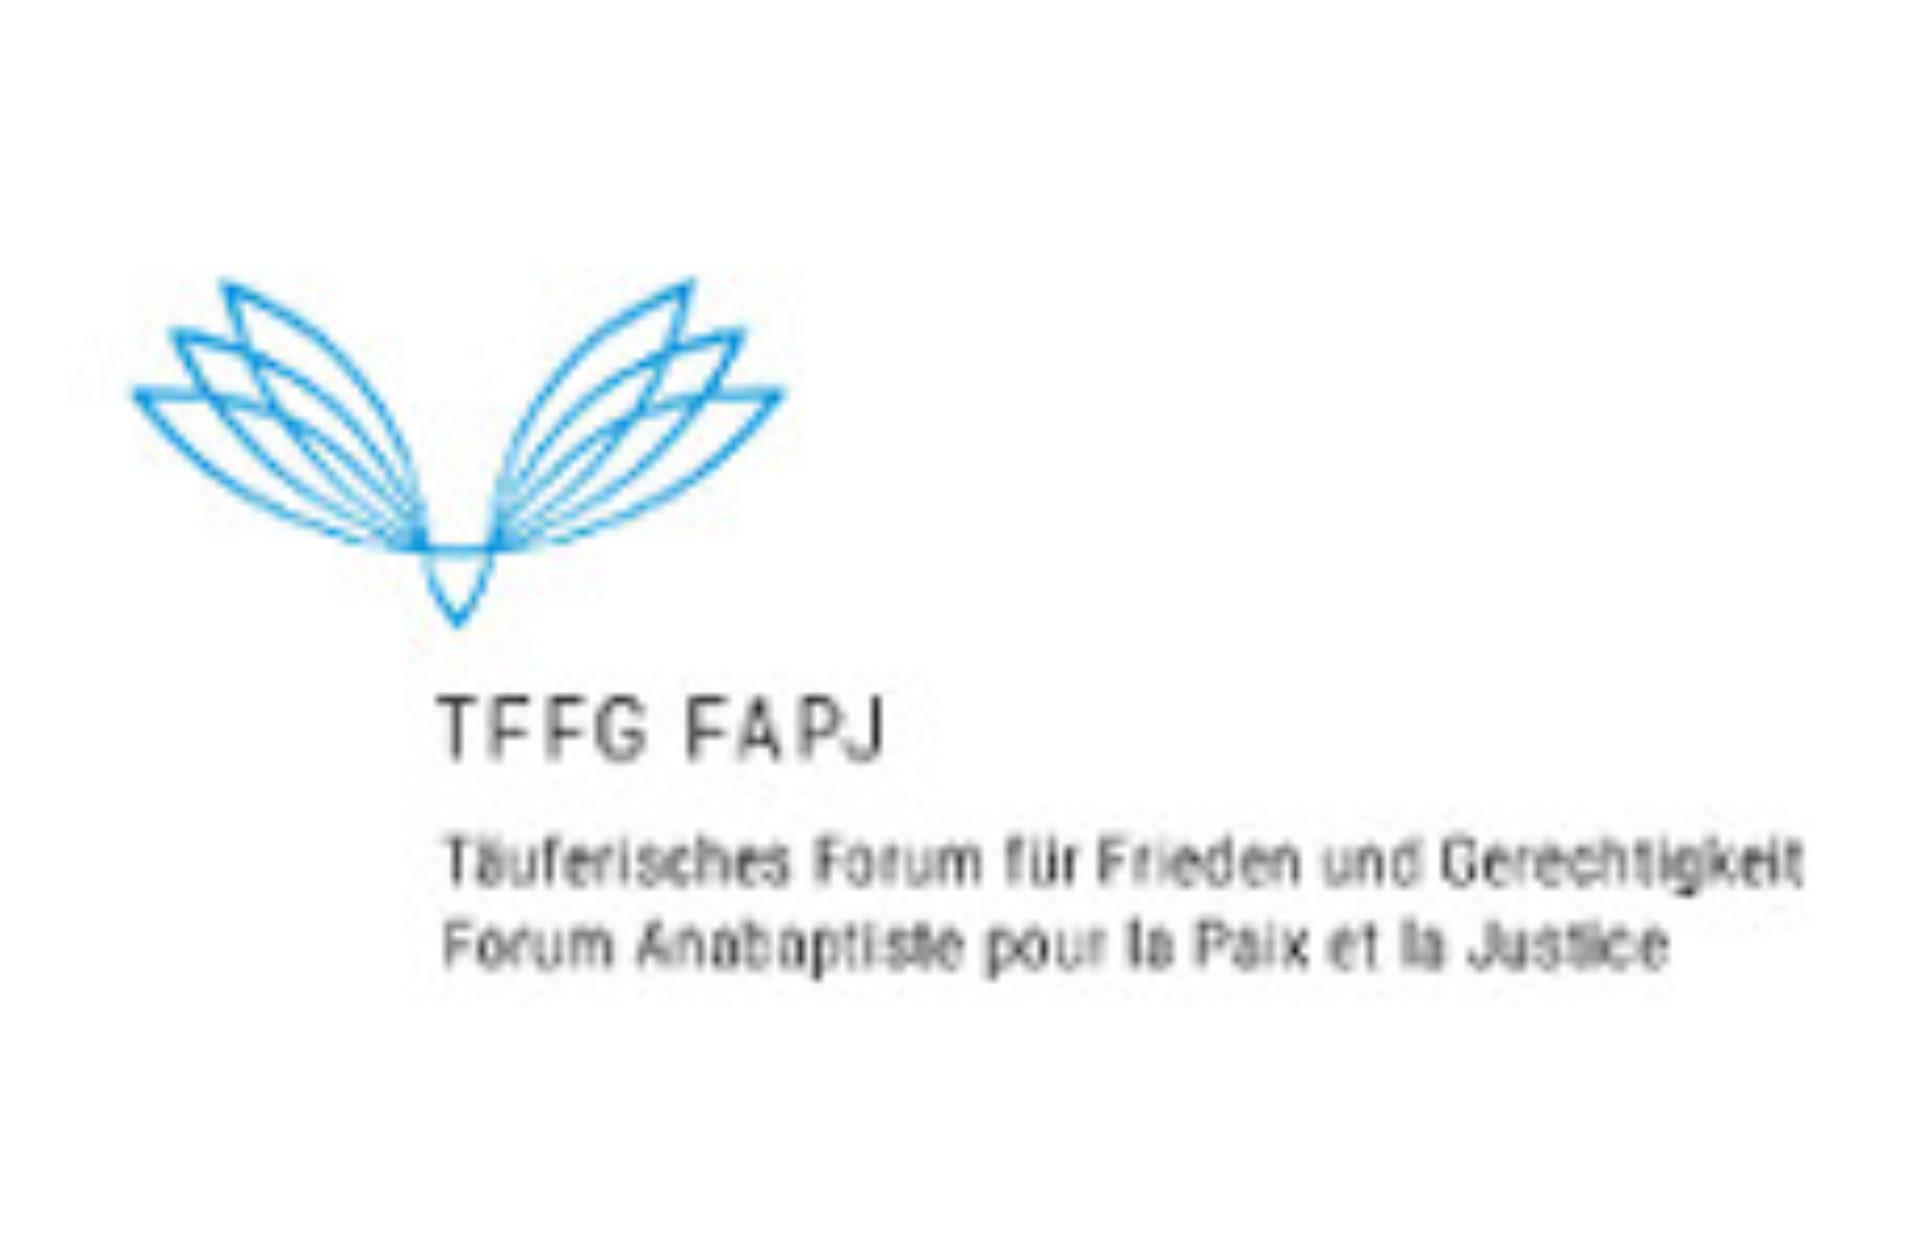 Täuferisches Forum für Frieden und Gerechtigkeit